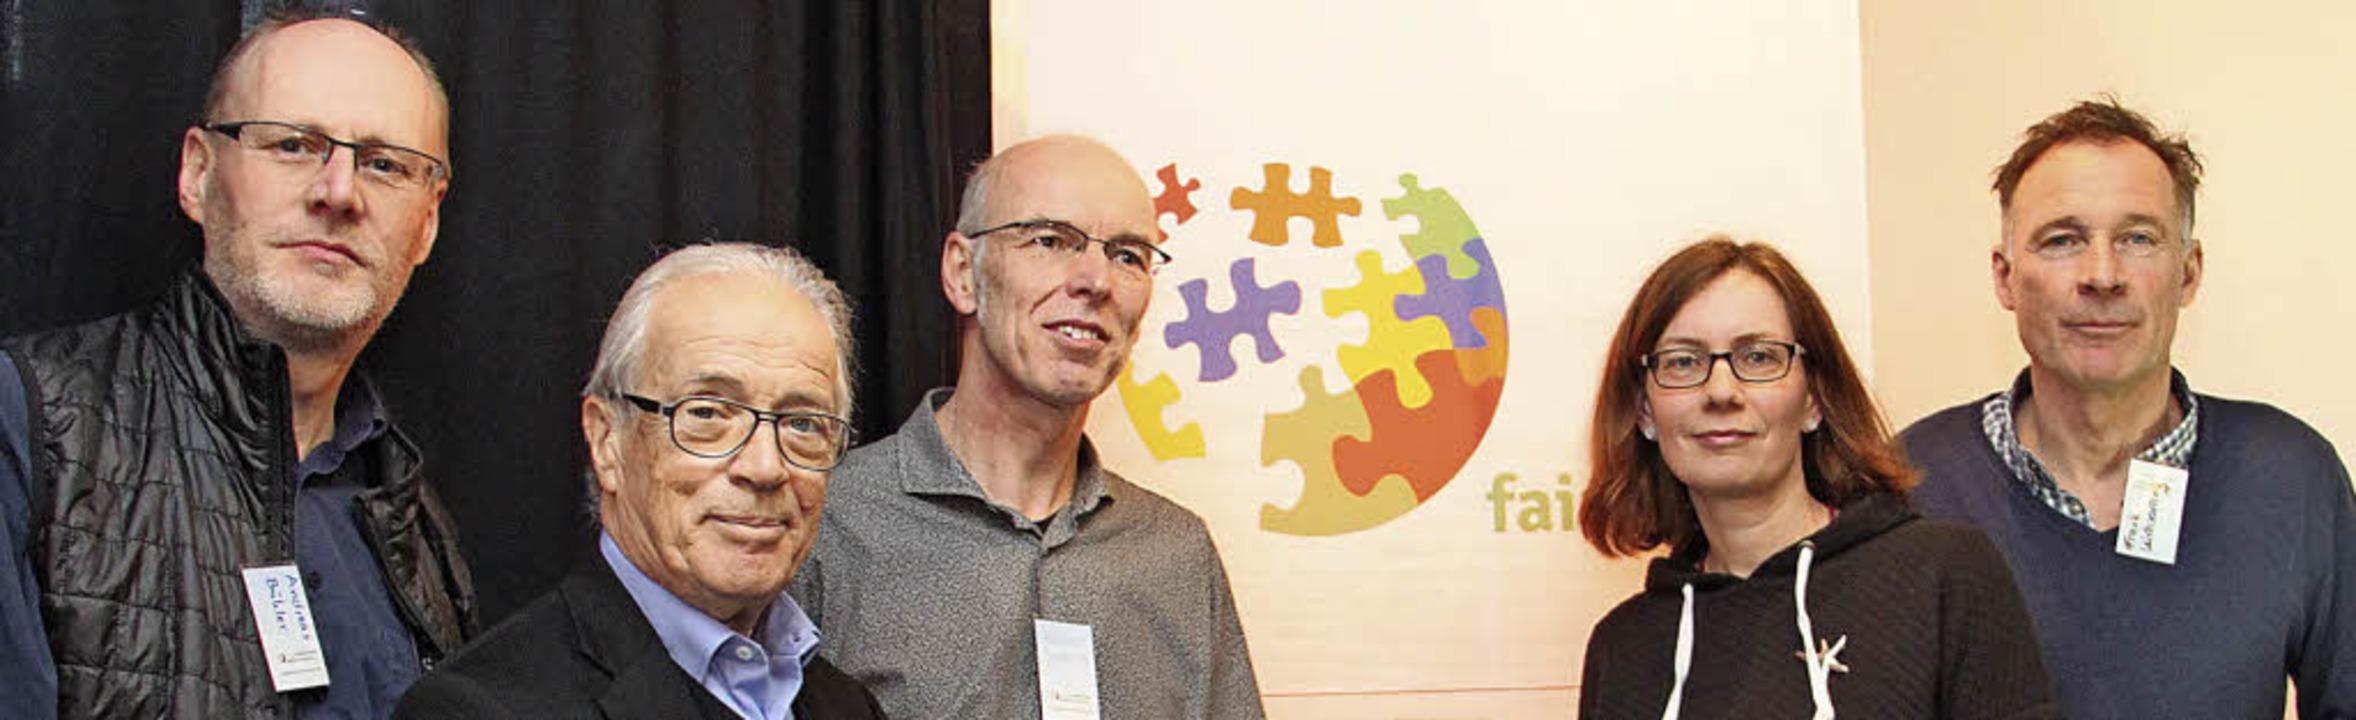 Zum Kernteam des Netzwerks Fairnetzt g...häfer-Neudeck und Frank Leichsenring.   | Foto: Aaron Hohenfeld